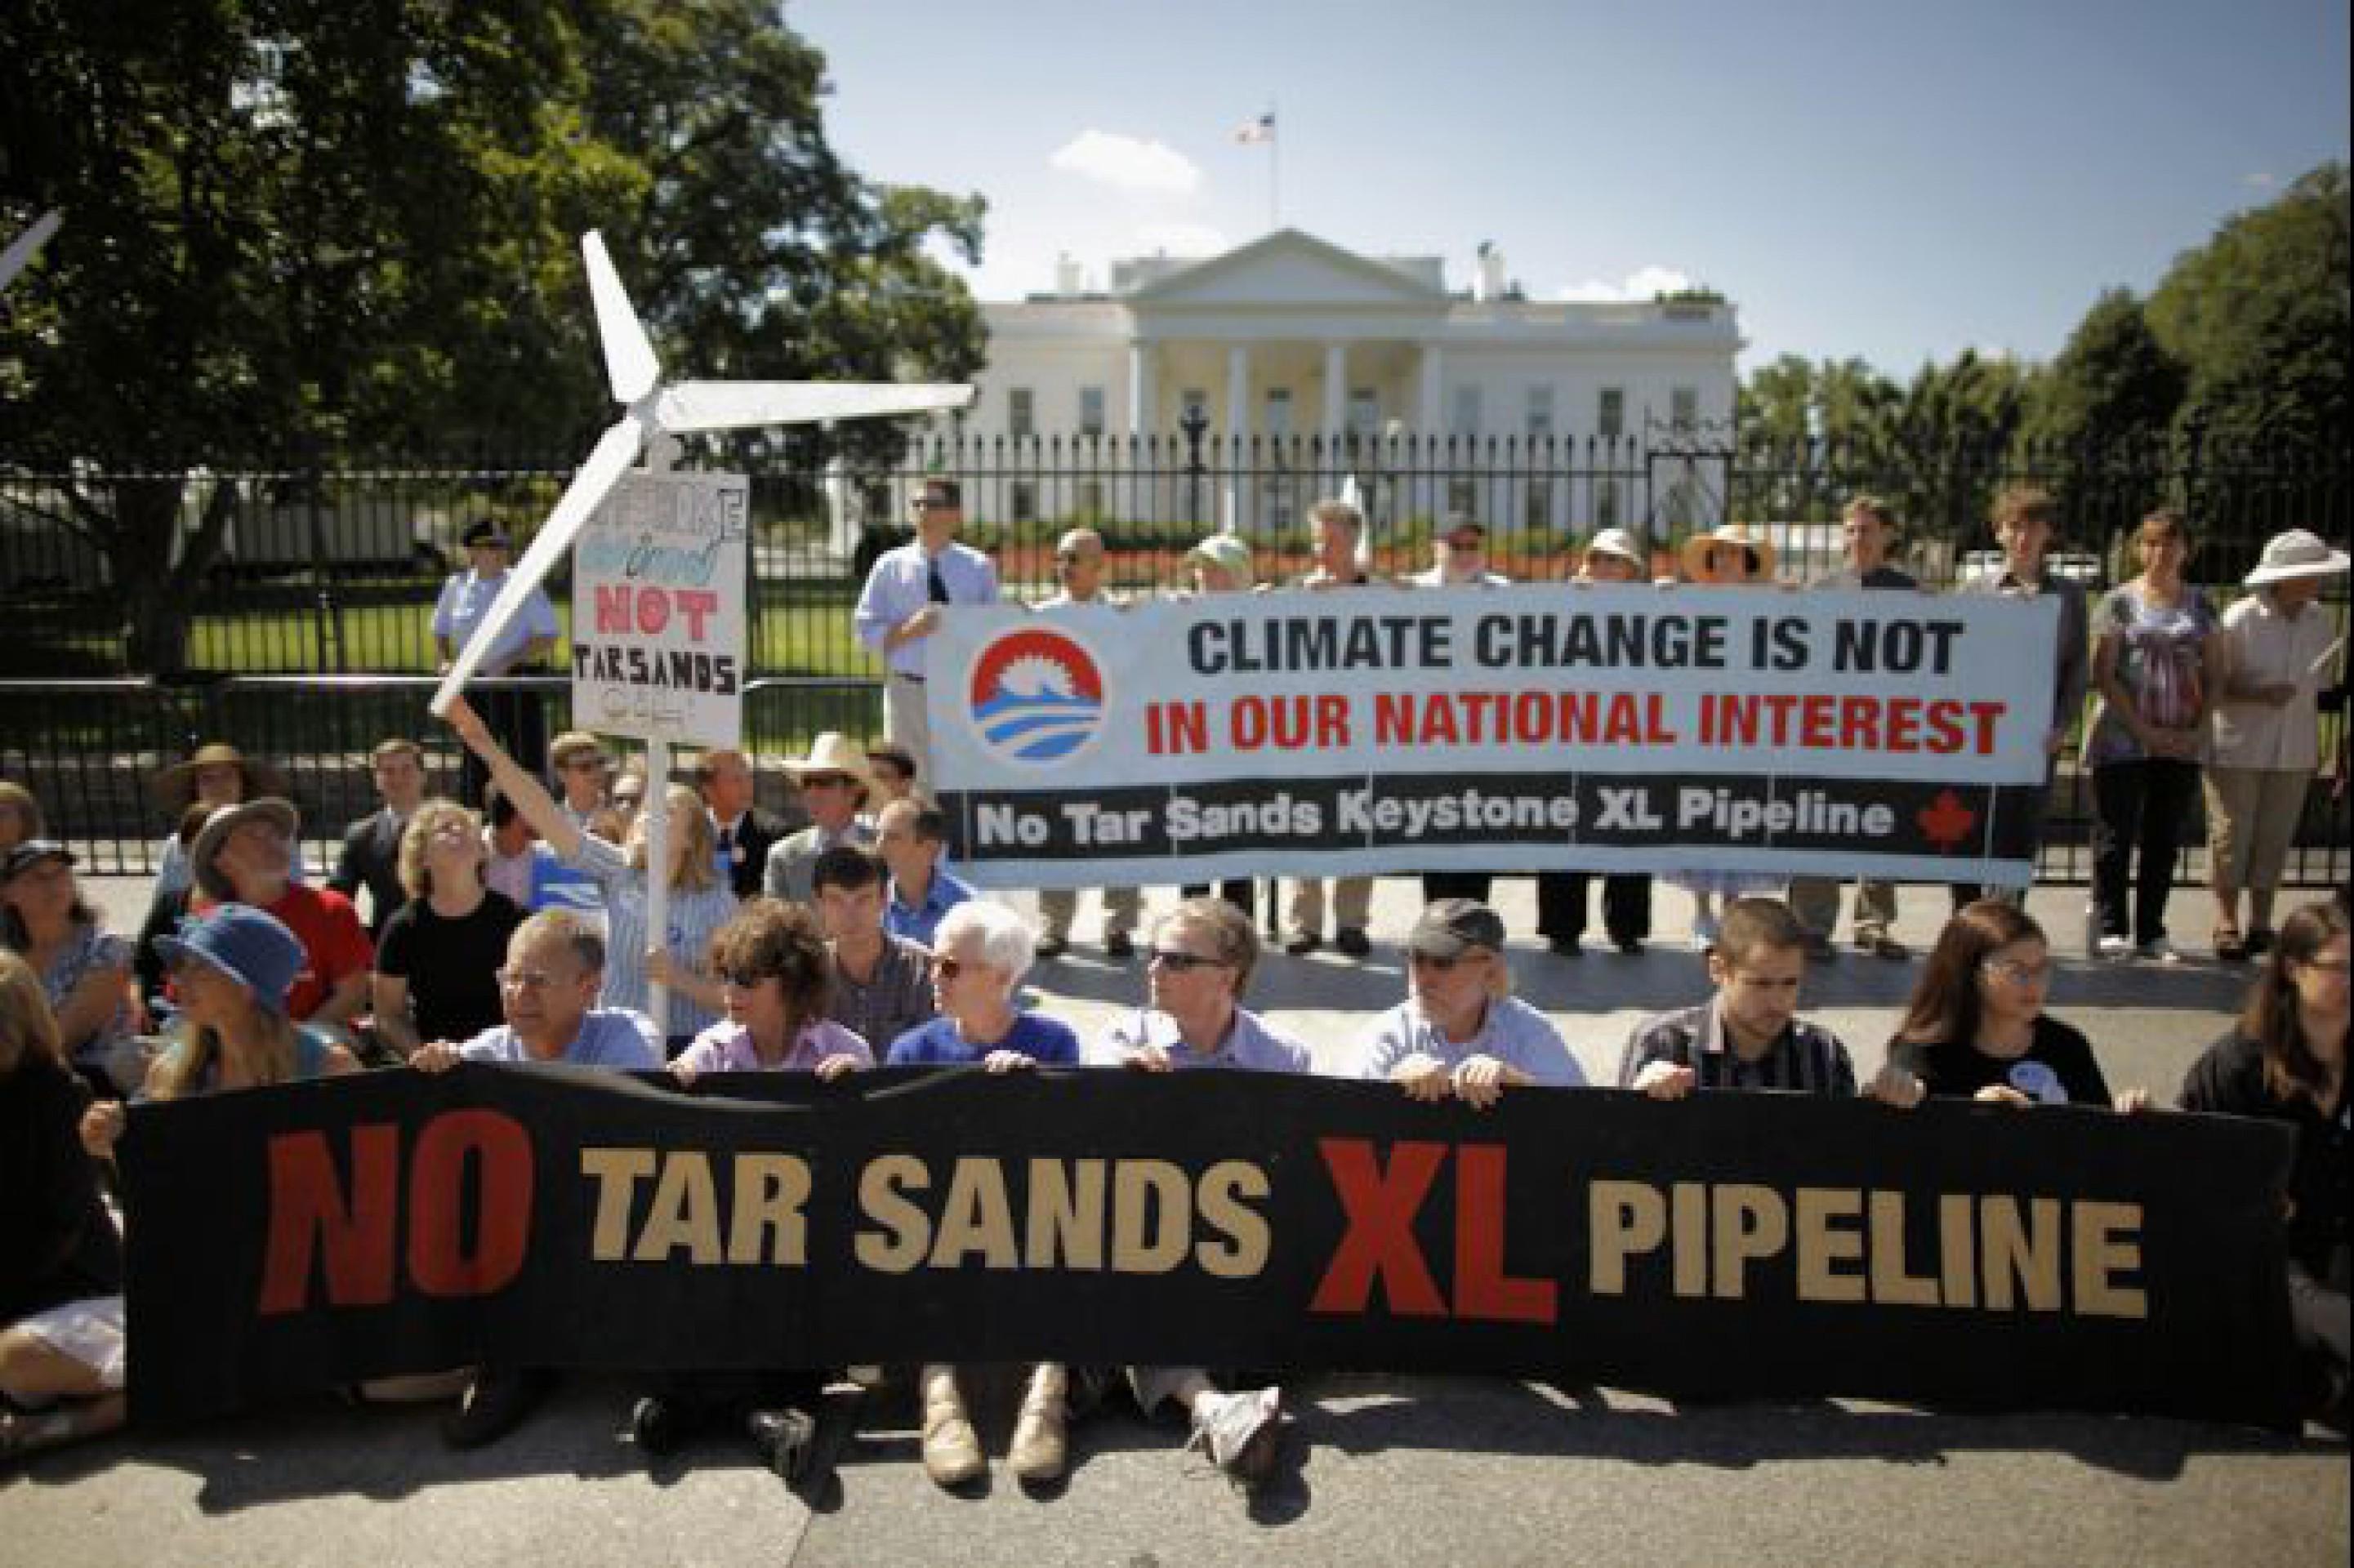 Обама: США не будут строить нефтепровод Keystone XL